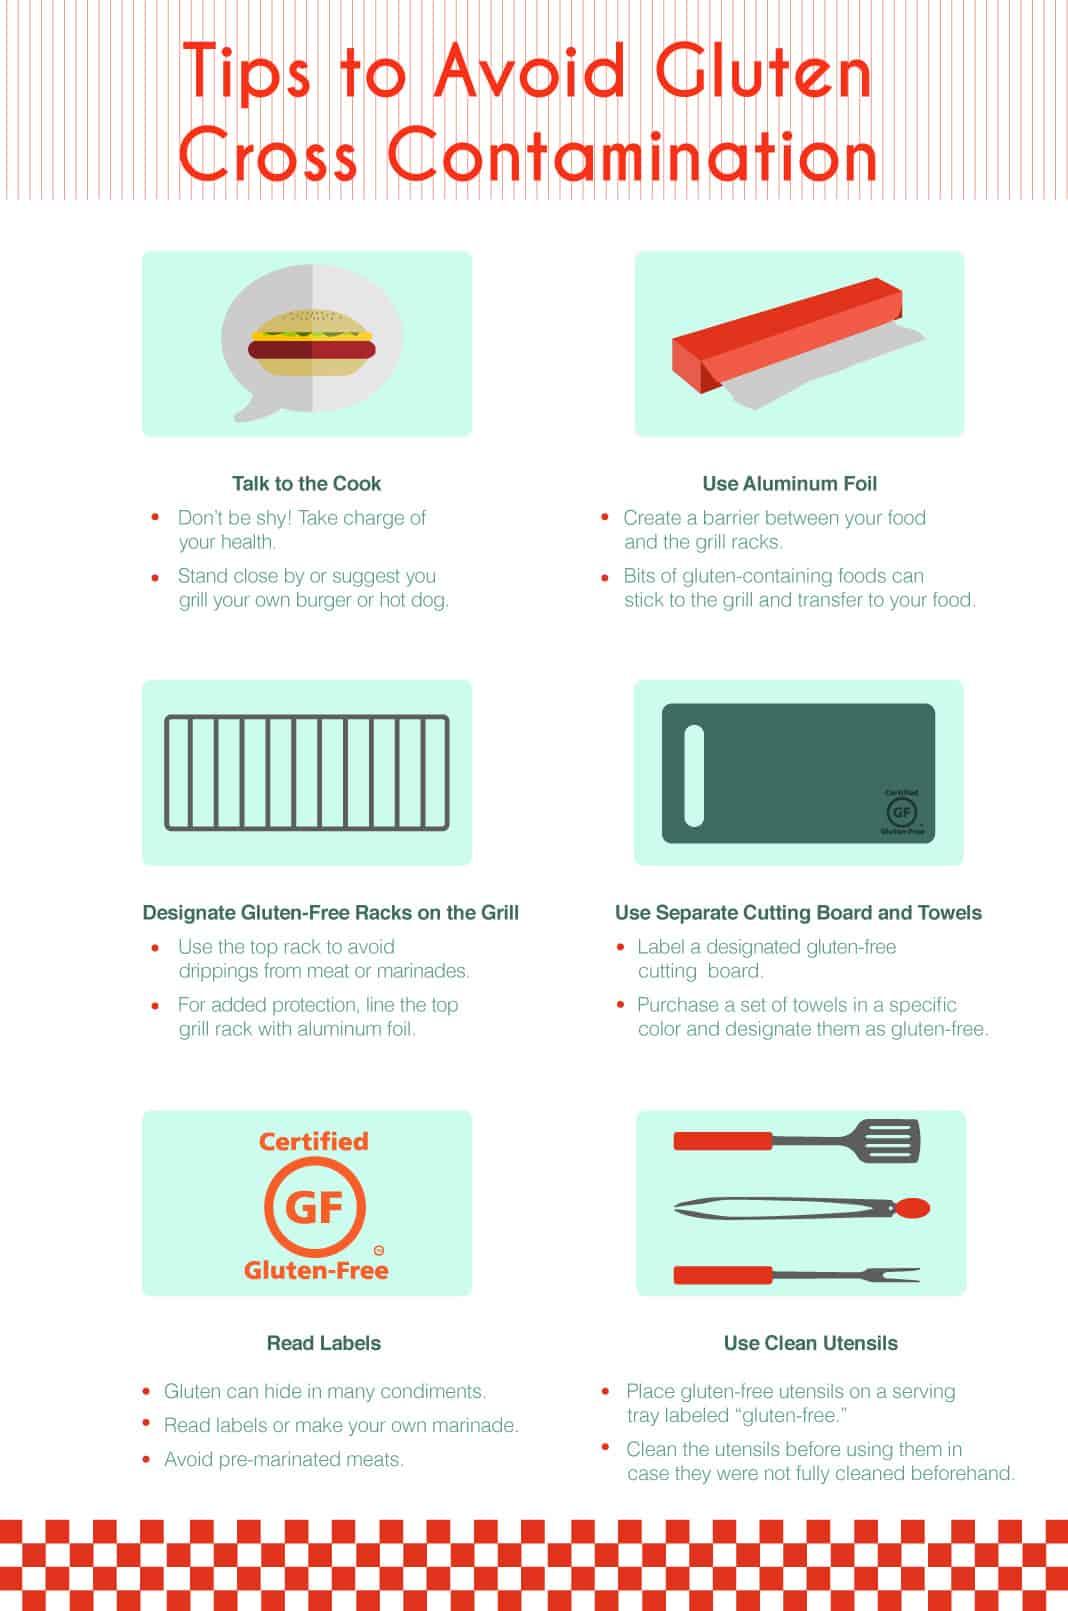 Tips to Avoid Gluten Cross Contamination